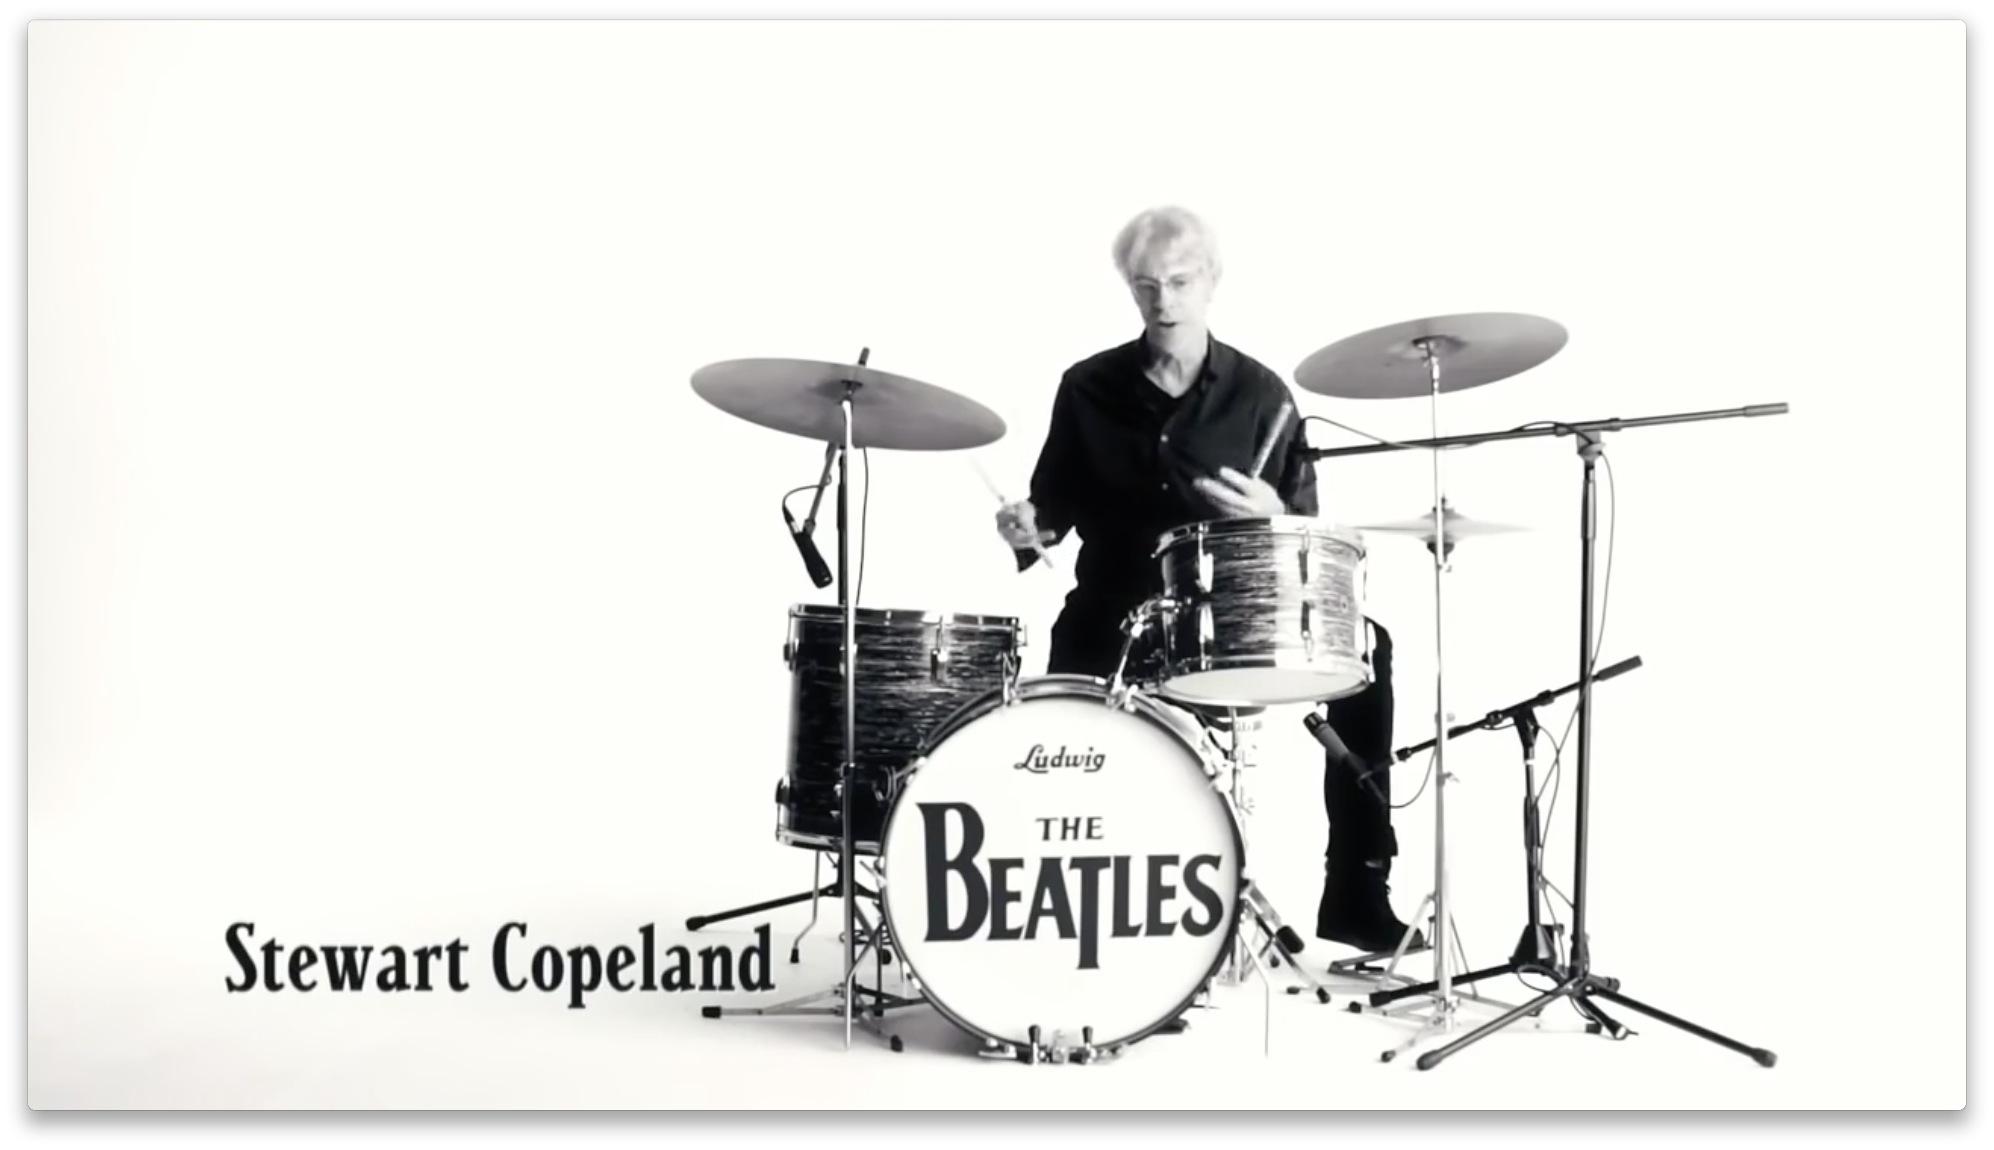 Ringo_Stewart Copeland